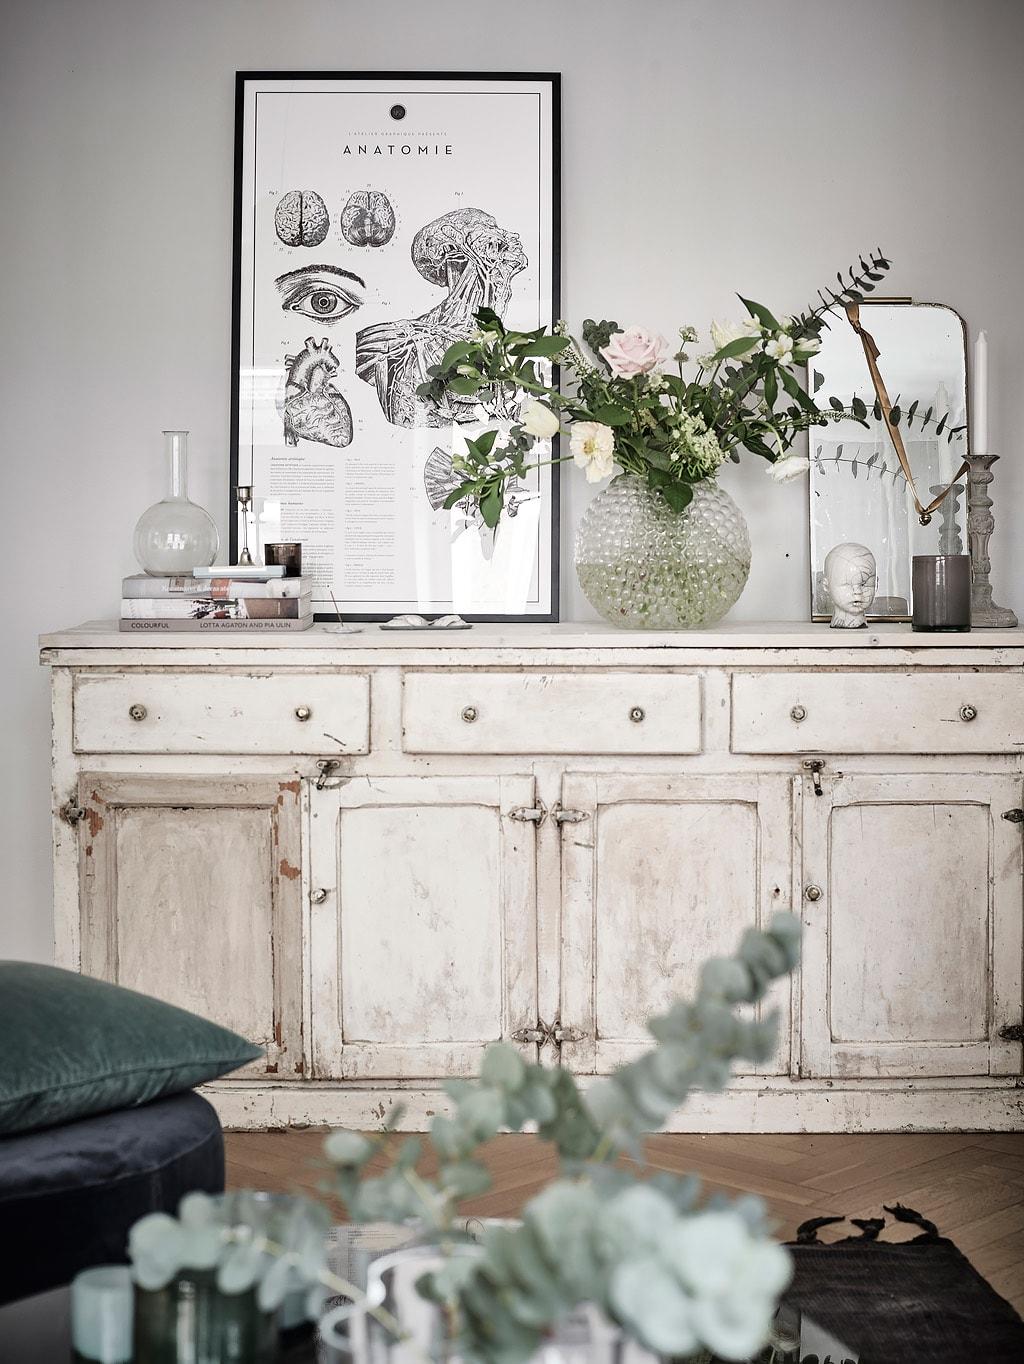 Johanna Bradford's home - via cocolapinedesign.com